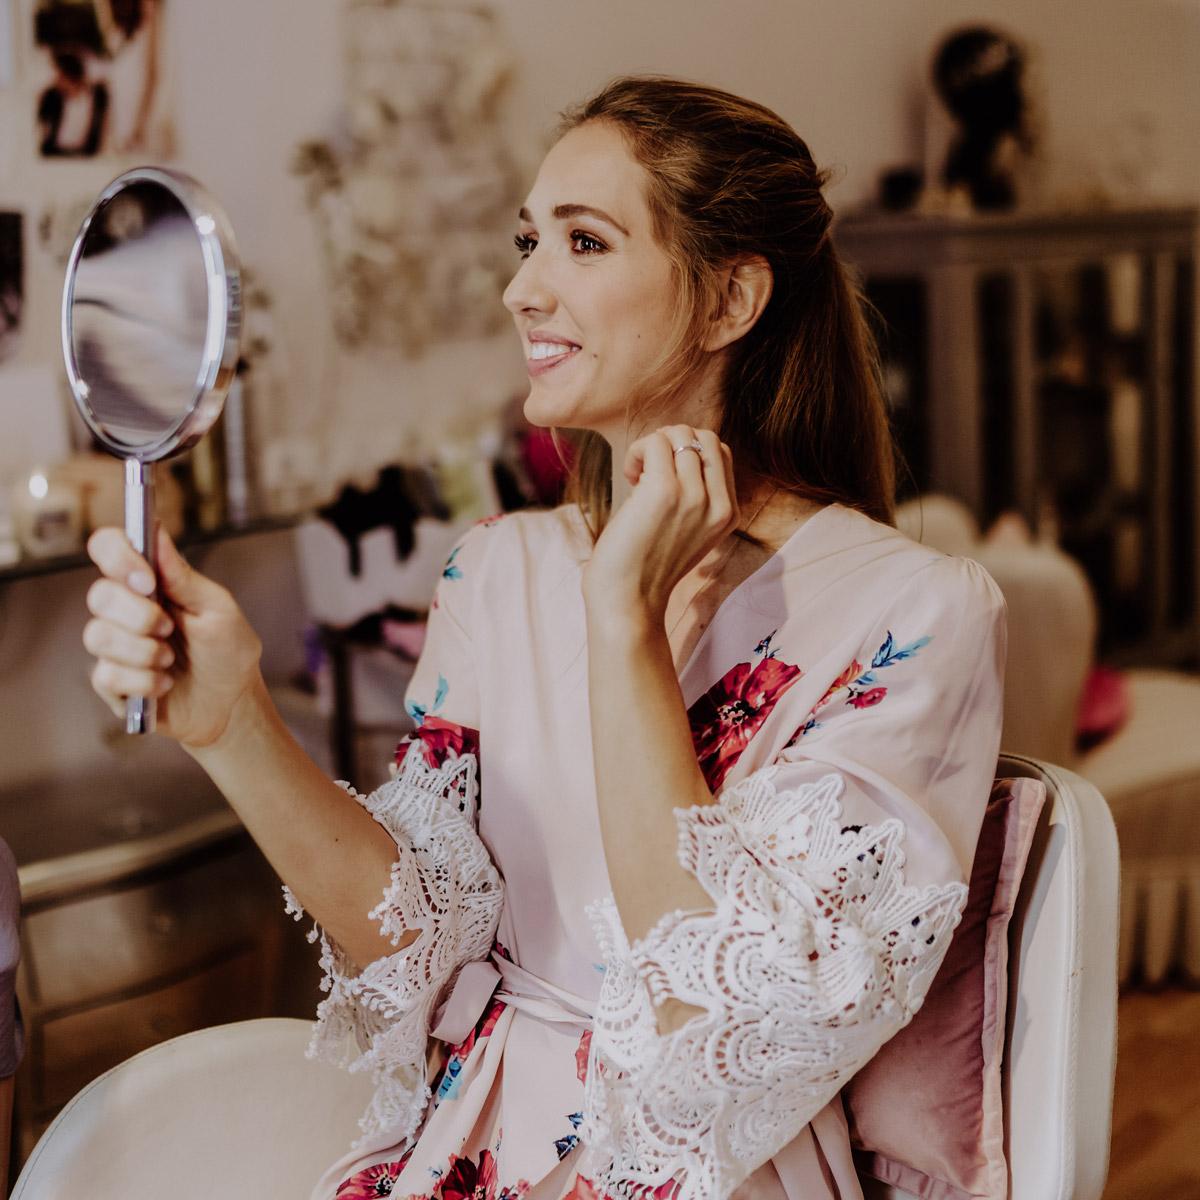 Braut Frisur Make up Getting Ready im rosa Kimono mit Trauzeuginnen - Standesamt Hochzeit Foto Ideen und Tipps Regenhochzeit von Hochzeitsfotografin Berlin © www.hochzeitslicht.de #hochzeitslicht